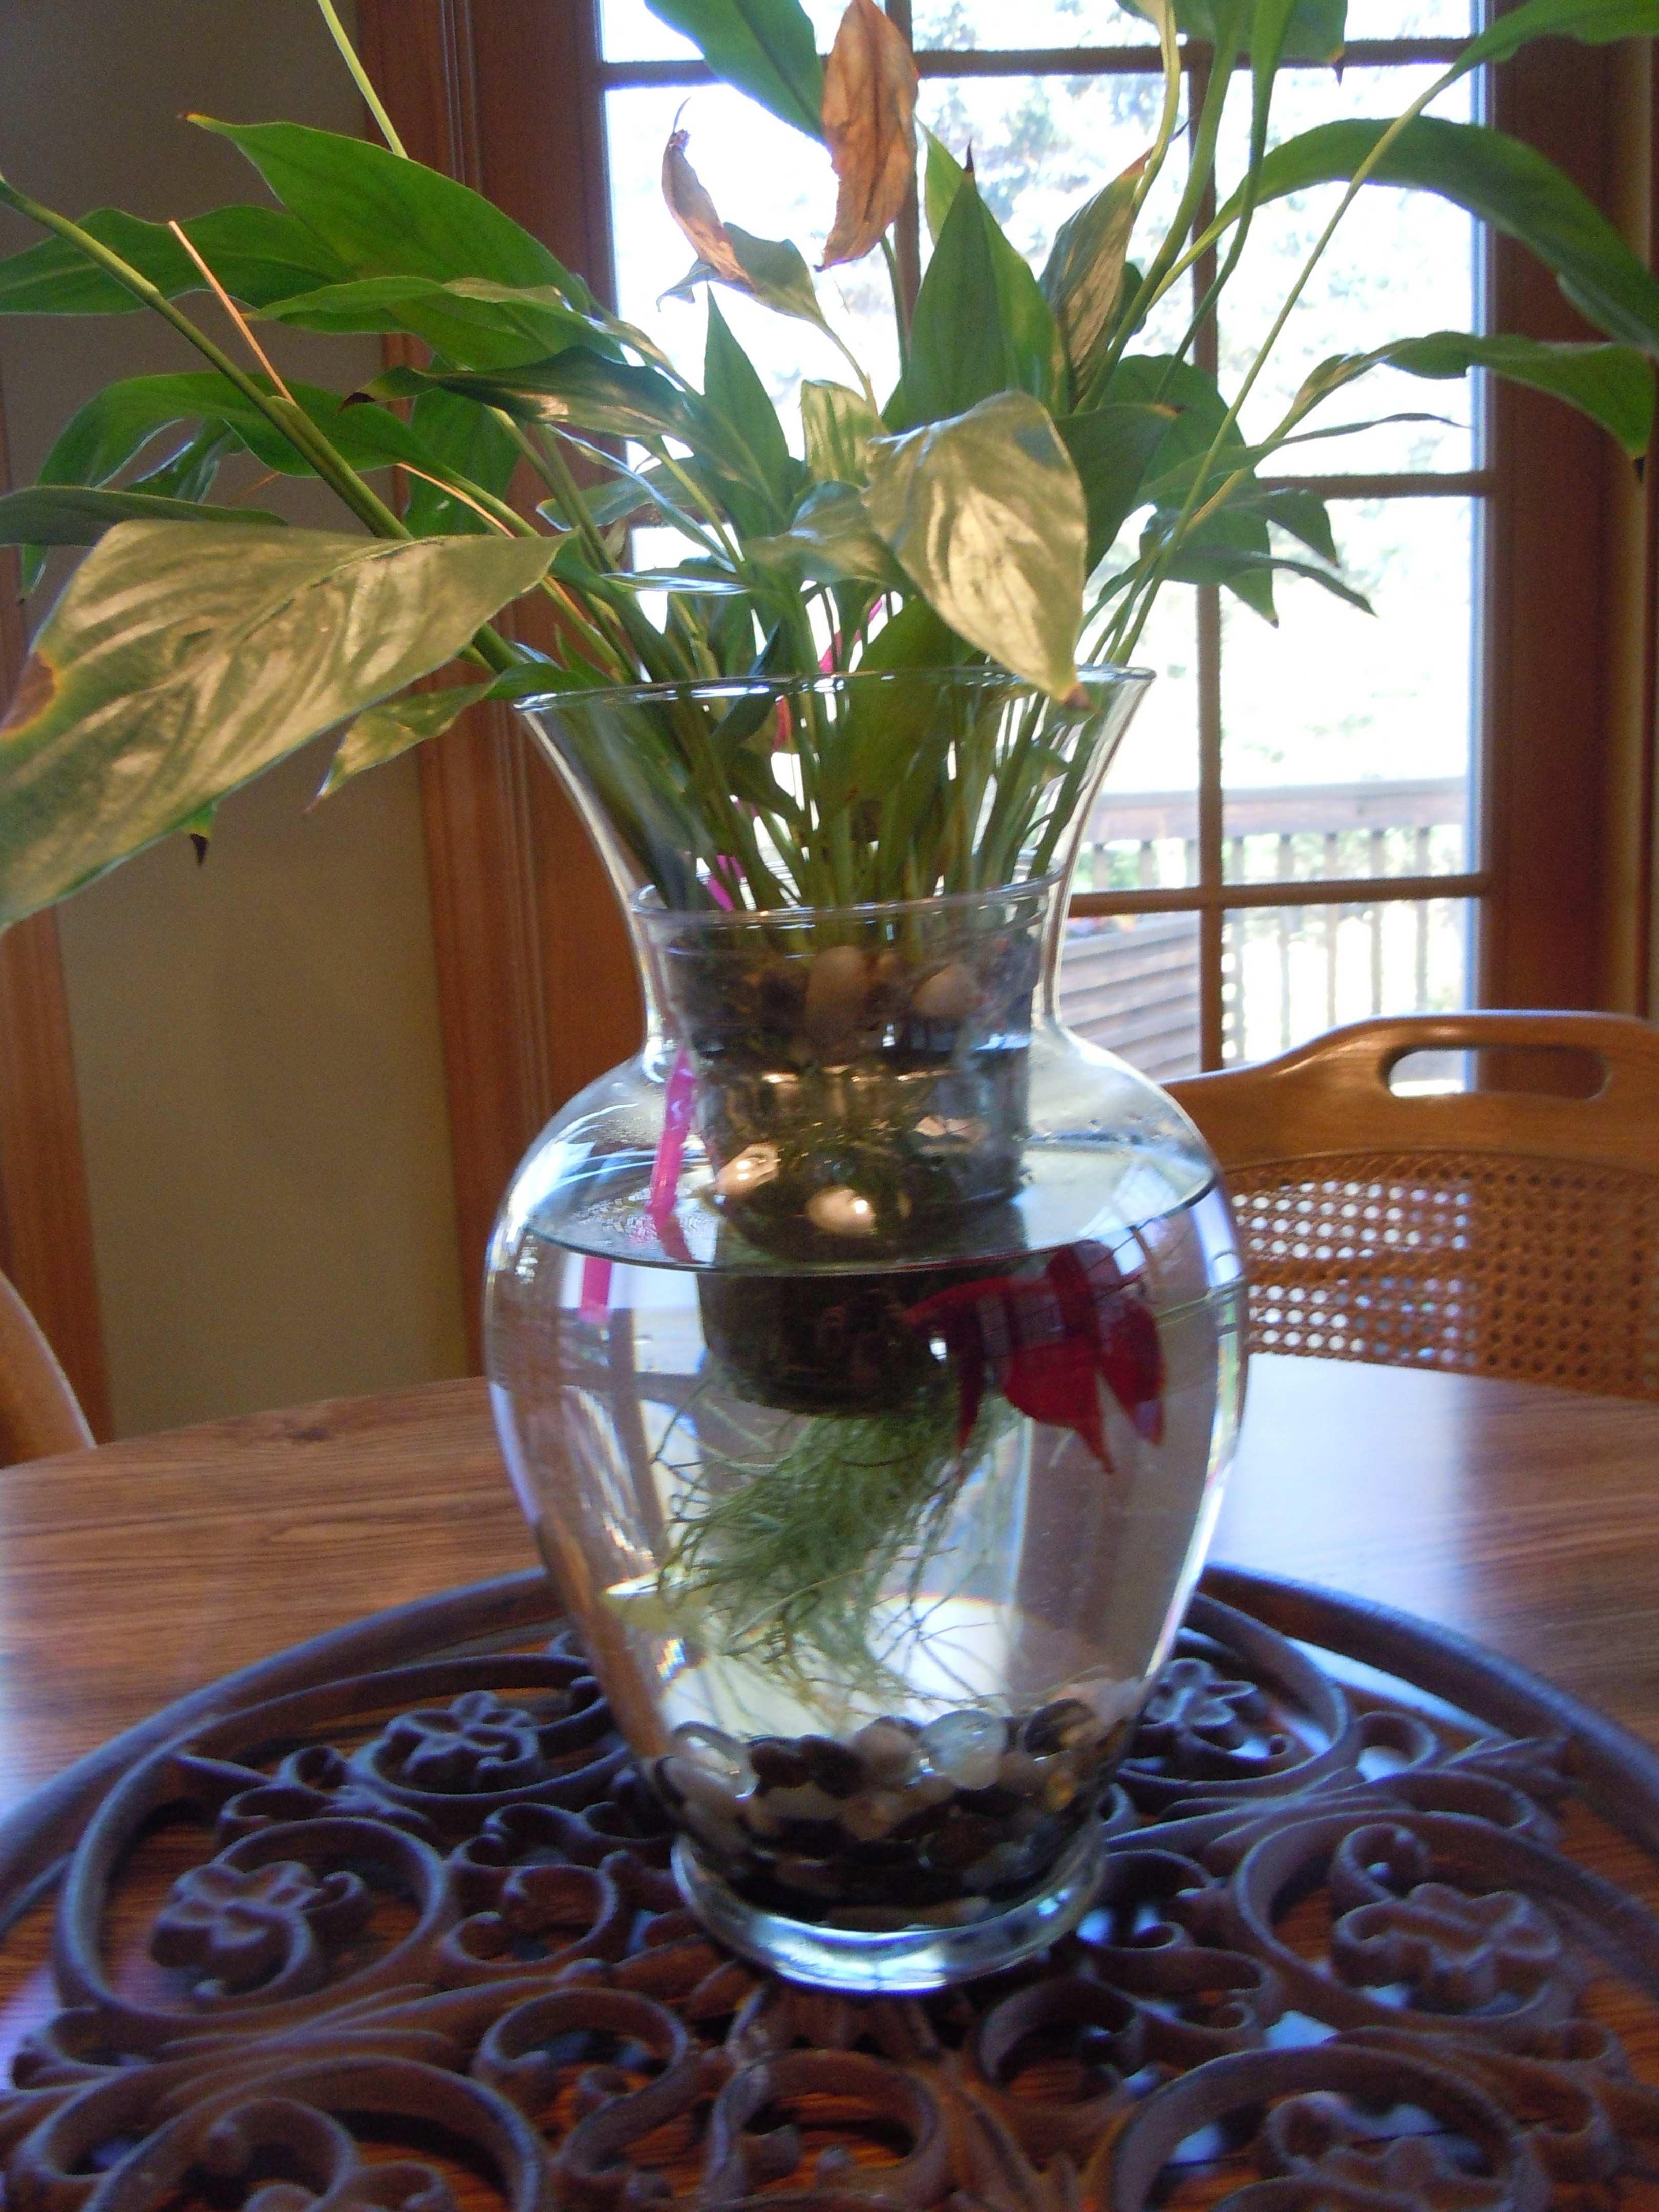 glass flower vases for sale of decorating ideas for vases elegant il fullxfull nny9h vases flower in decorating ideas for vases elegant ffnsx7yi4iwutv6 rect2100h vases betta i 9d vase ideas